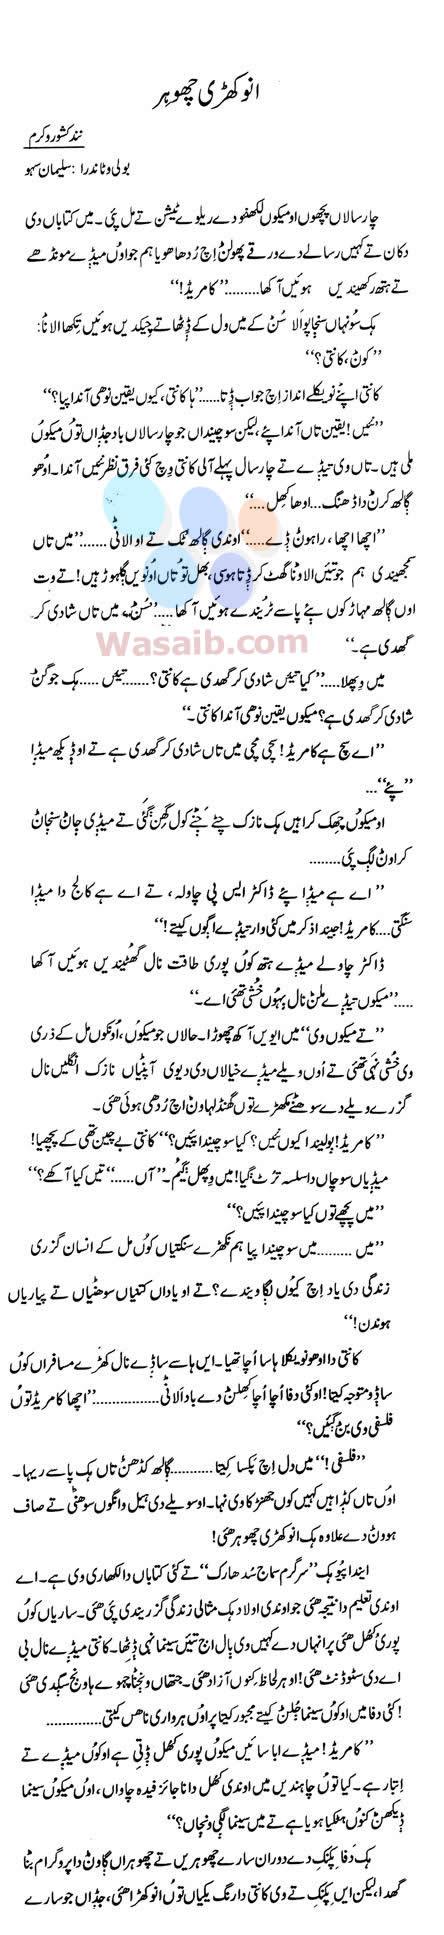 Seraiki Afsana Anokhri Choair (Nand Kishor Vikram) Part-1